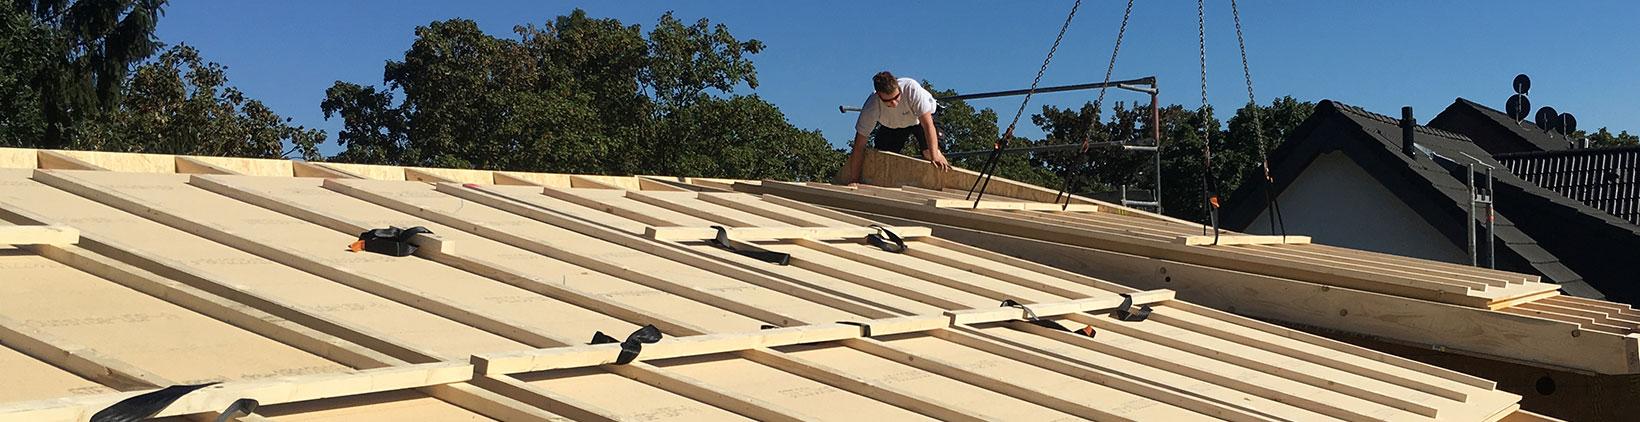 Holzrahmenbau Was Ist Eigentlich Holzrahmenbau Fair Trade Haus